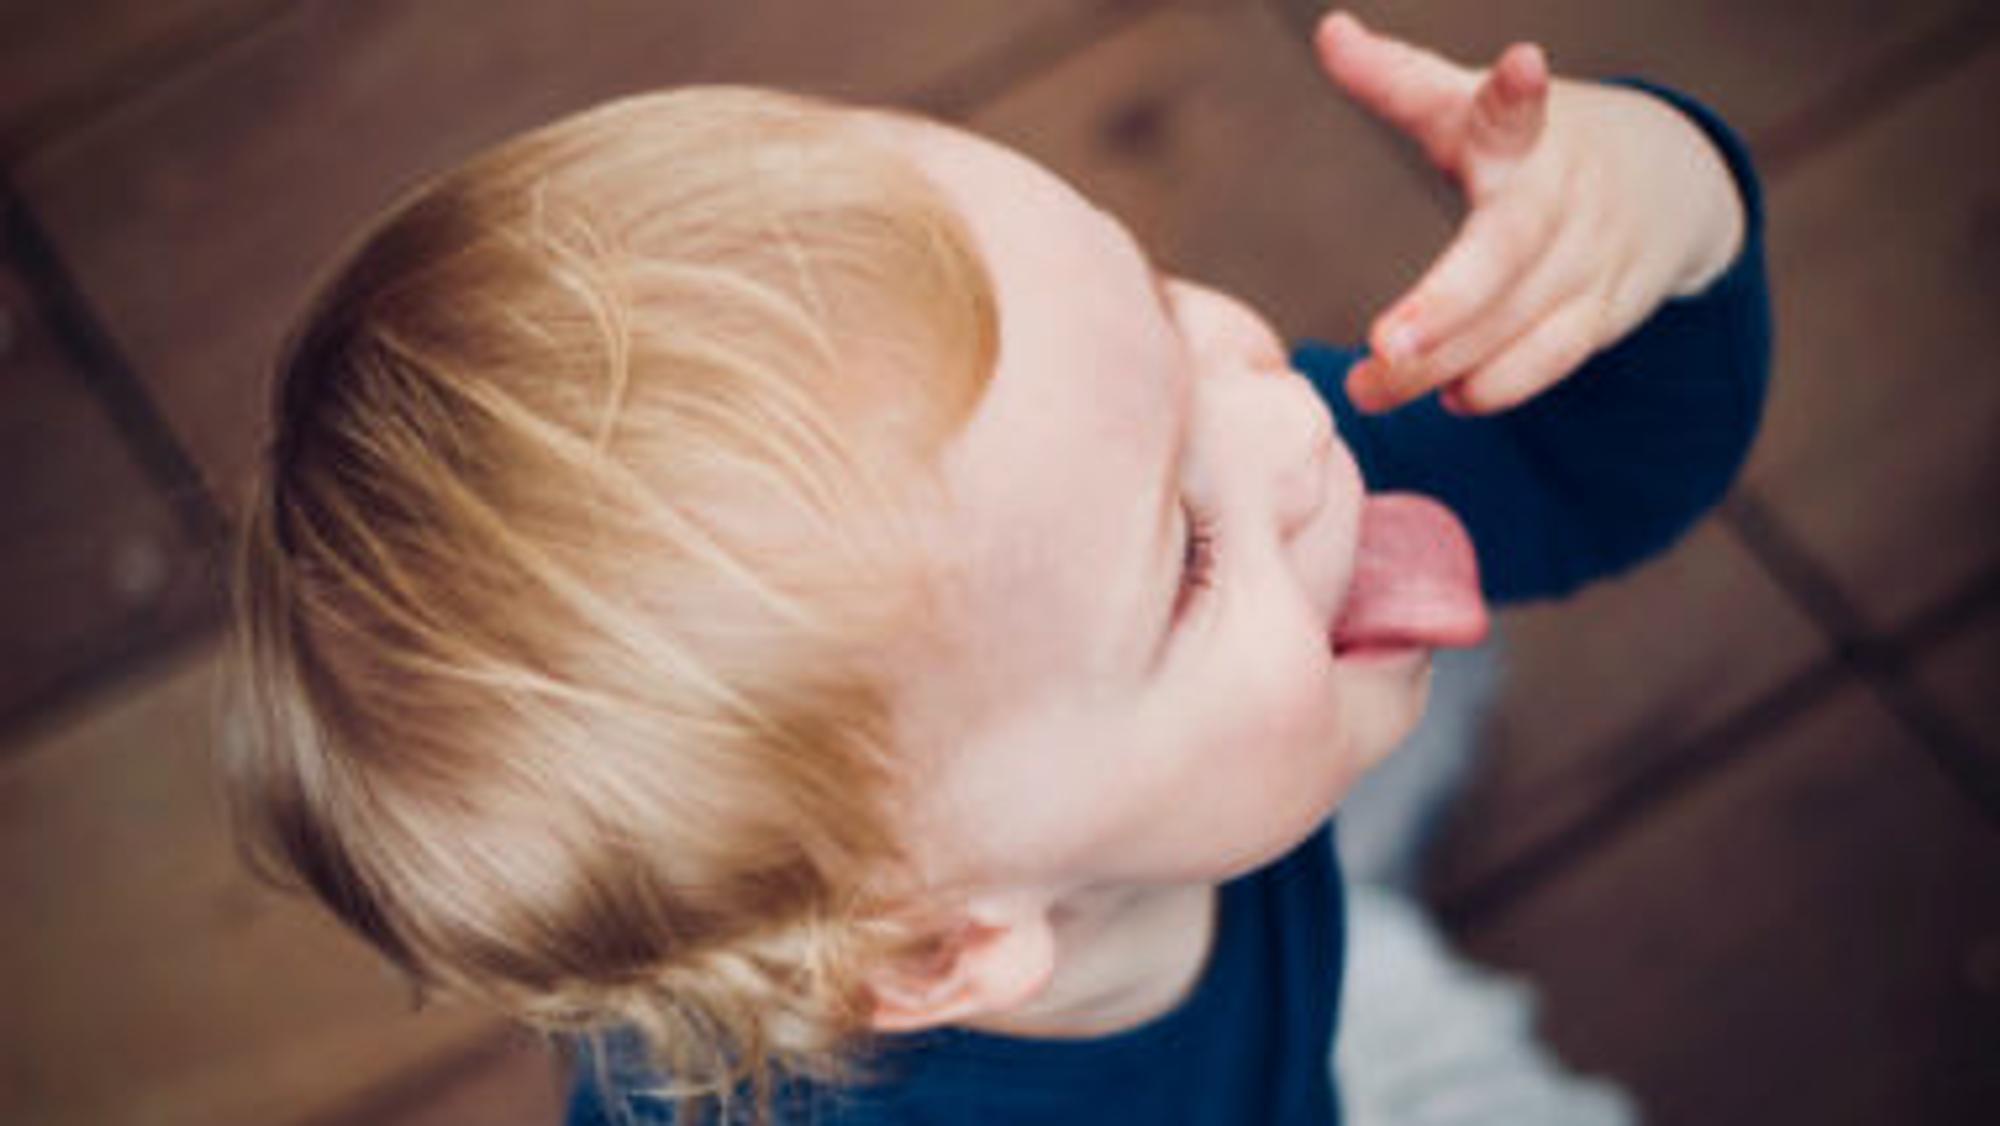 Ein kleiner Junge leckt seine Finger ab